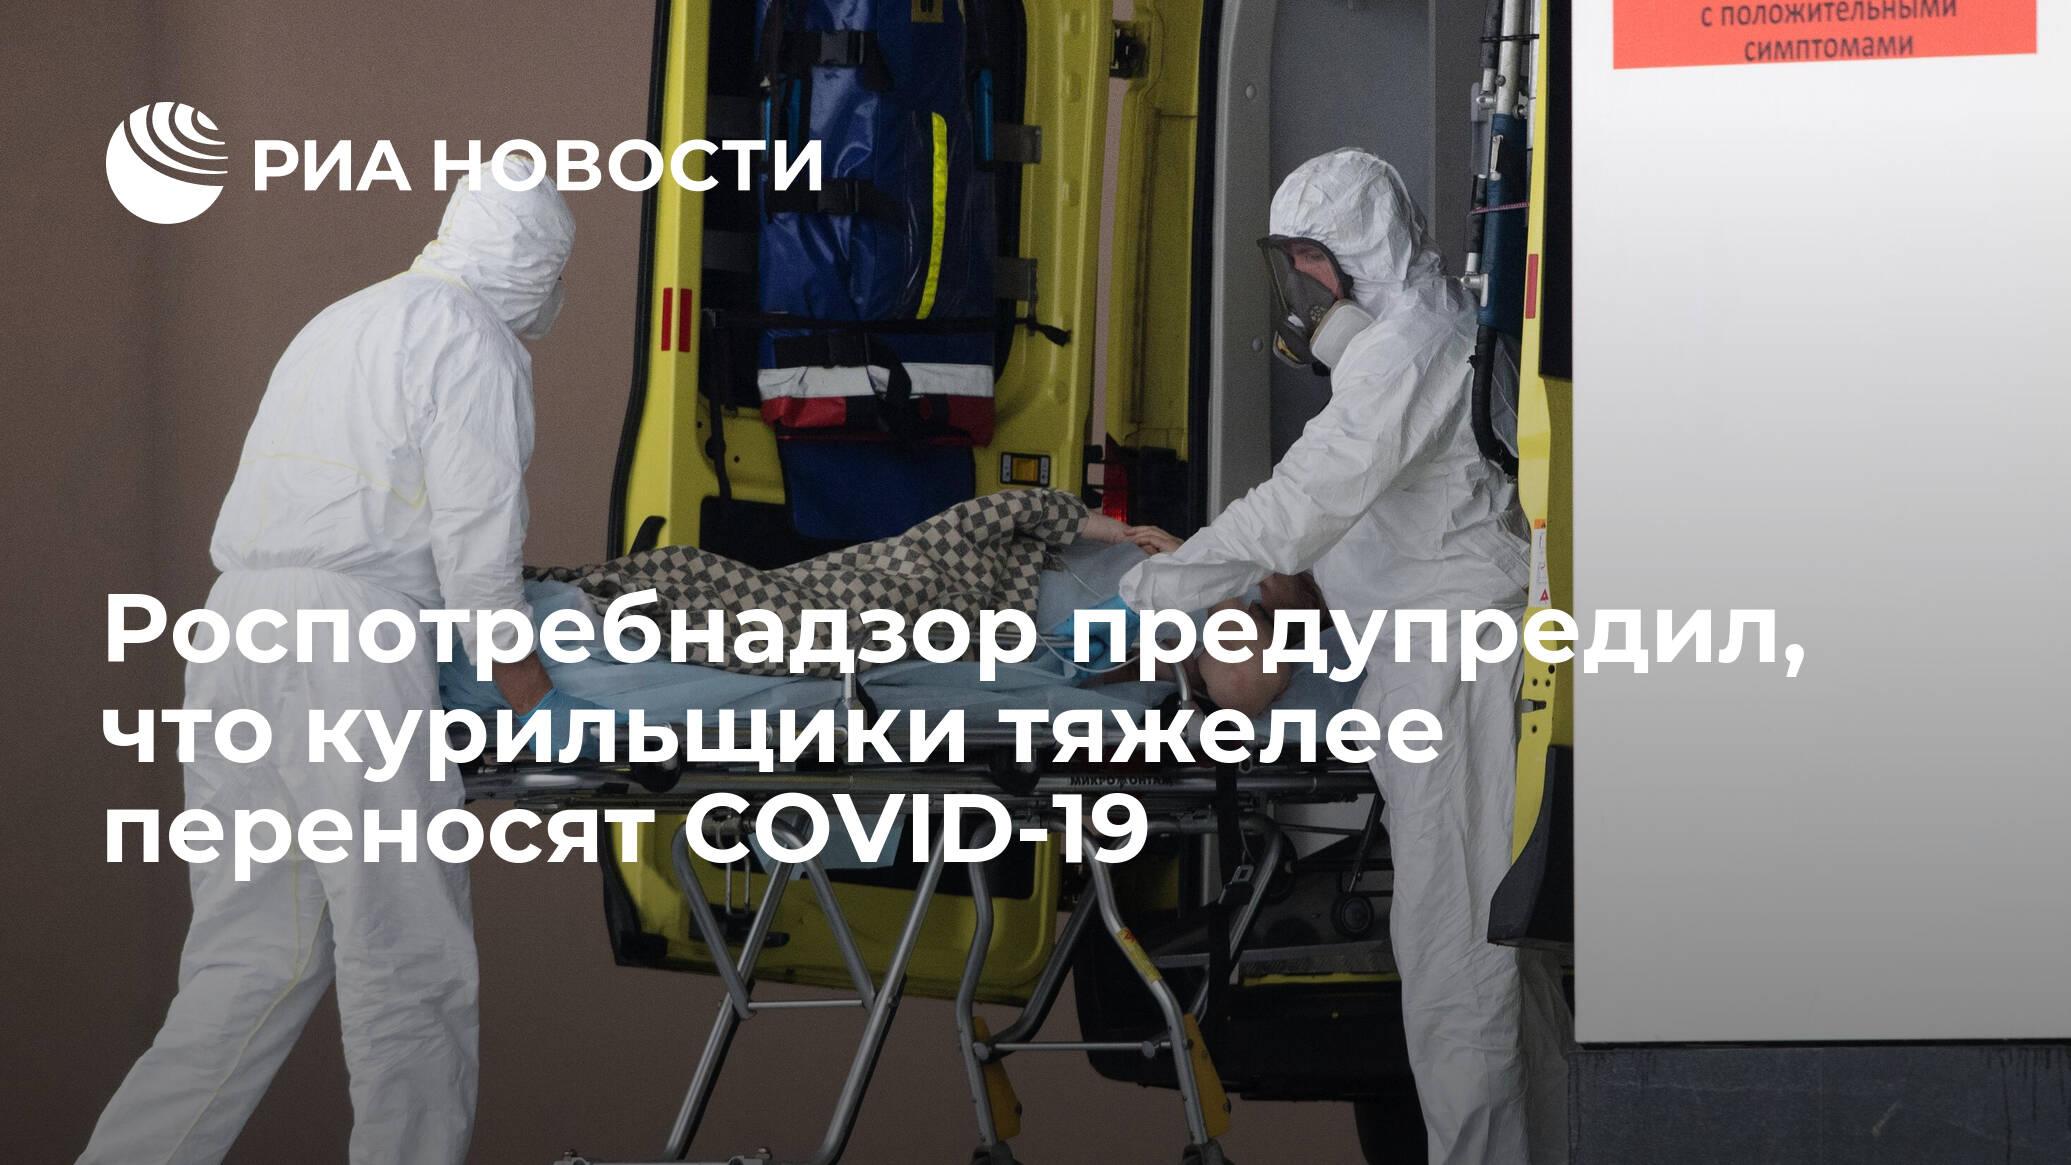 Роспотребнадзор предупредил, что курильщики тяжелее переносят COVID-19